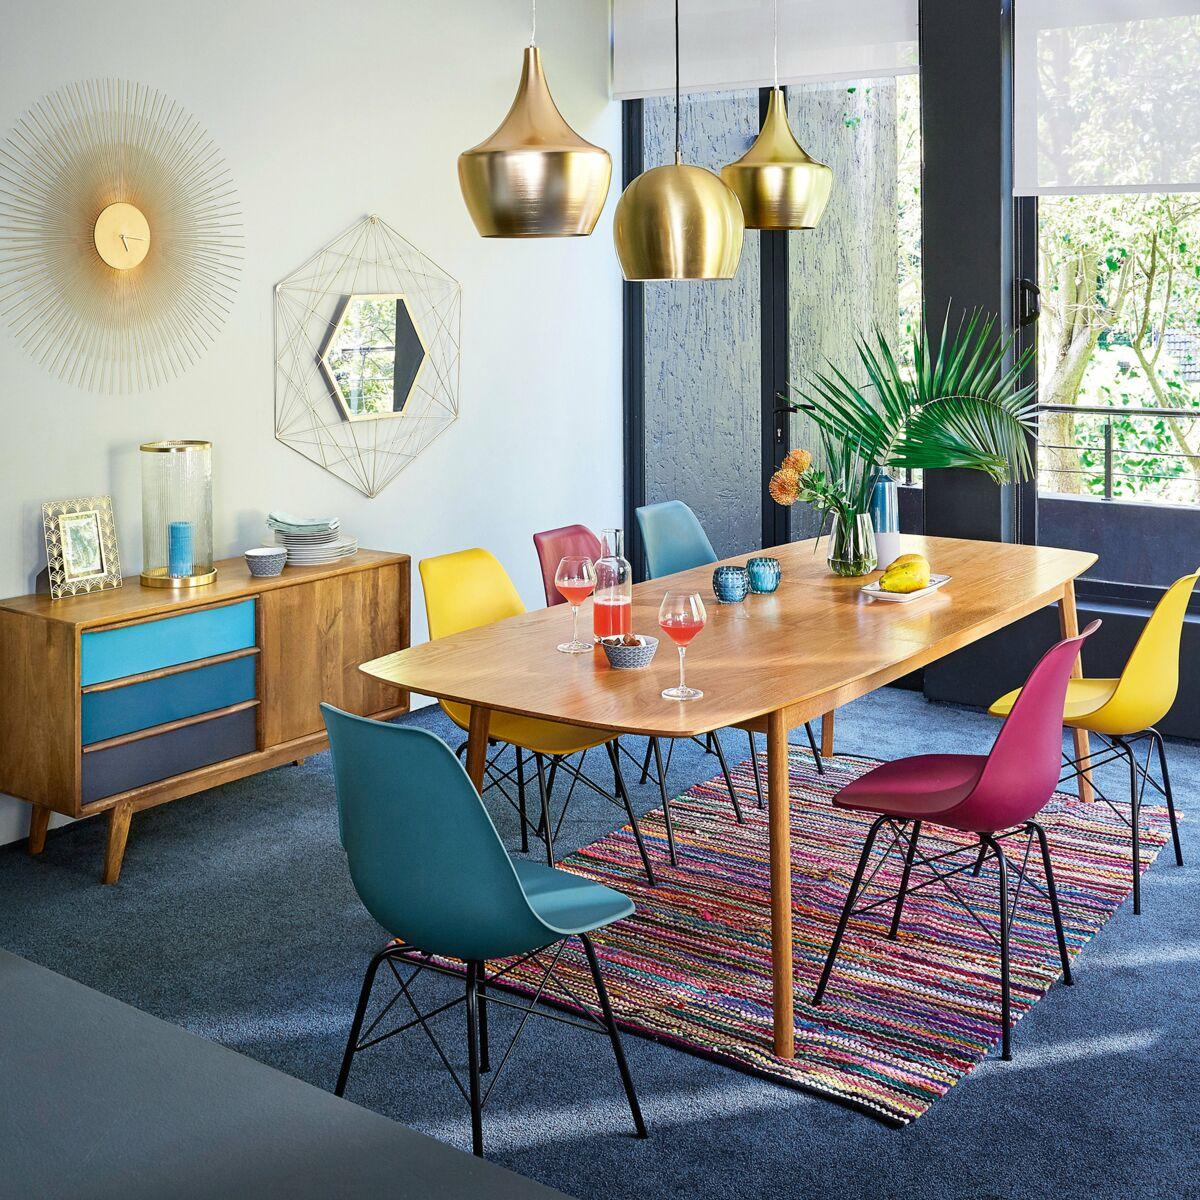 Rideau Pour Salle A Manger Moderne classique, moderne, vintage quel style choisir pour sa